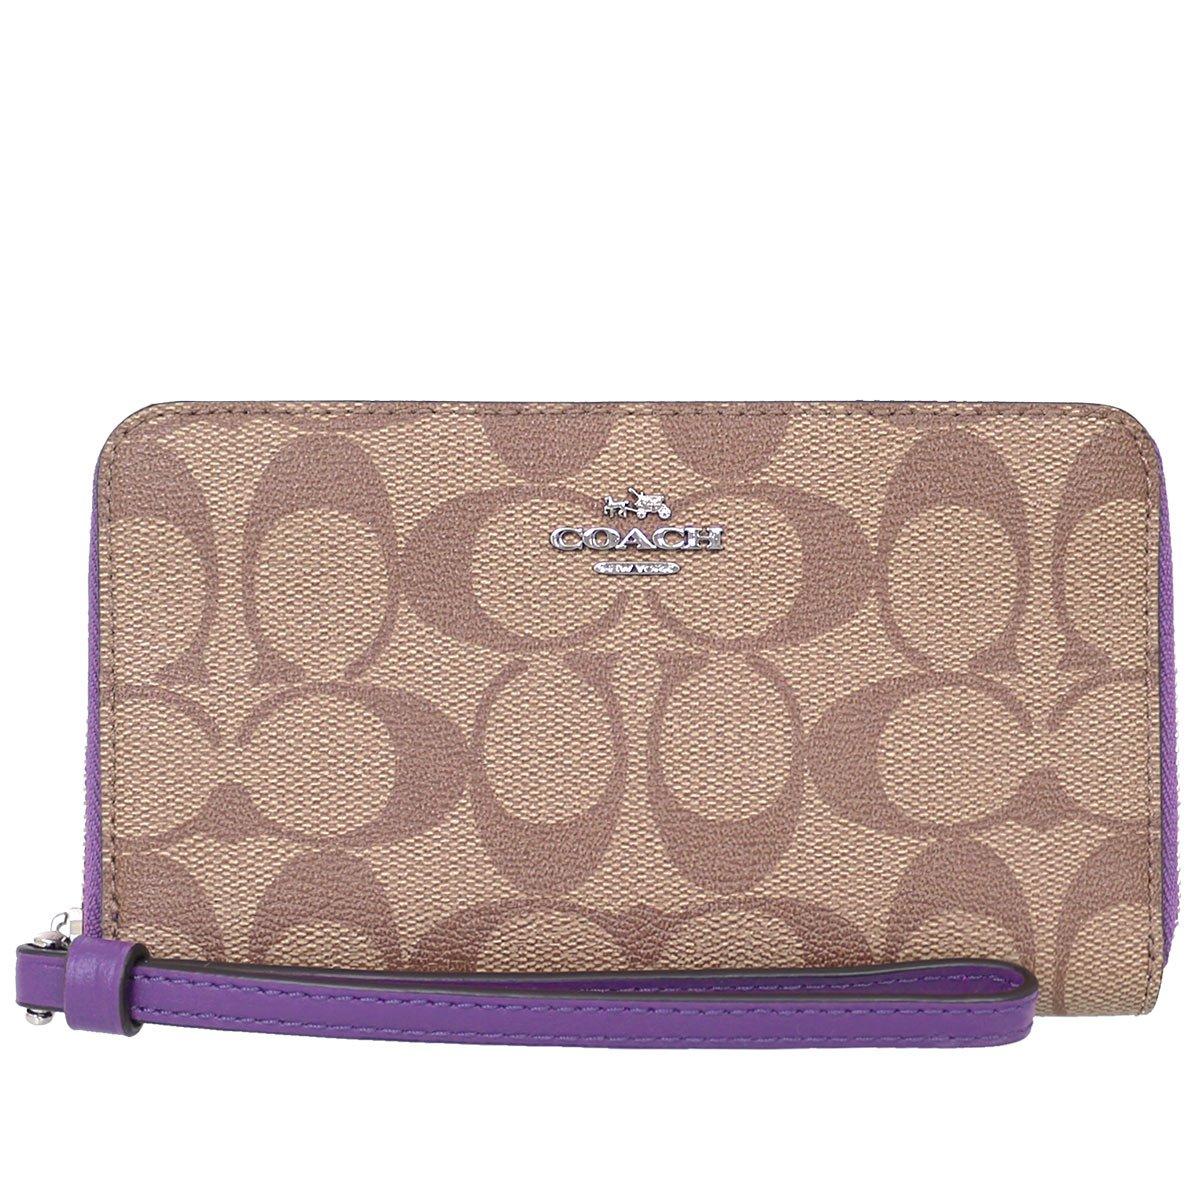 [コーチ] COACH 財布 (二つ折り財布) F57468 二つ折り財布 レディース [アウトレット品] [並行輸入品] B079VKCXG4 カーキ×ベリー カーキ×ベリー